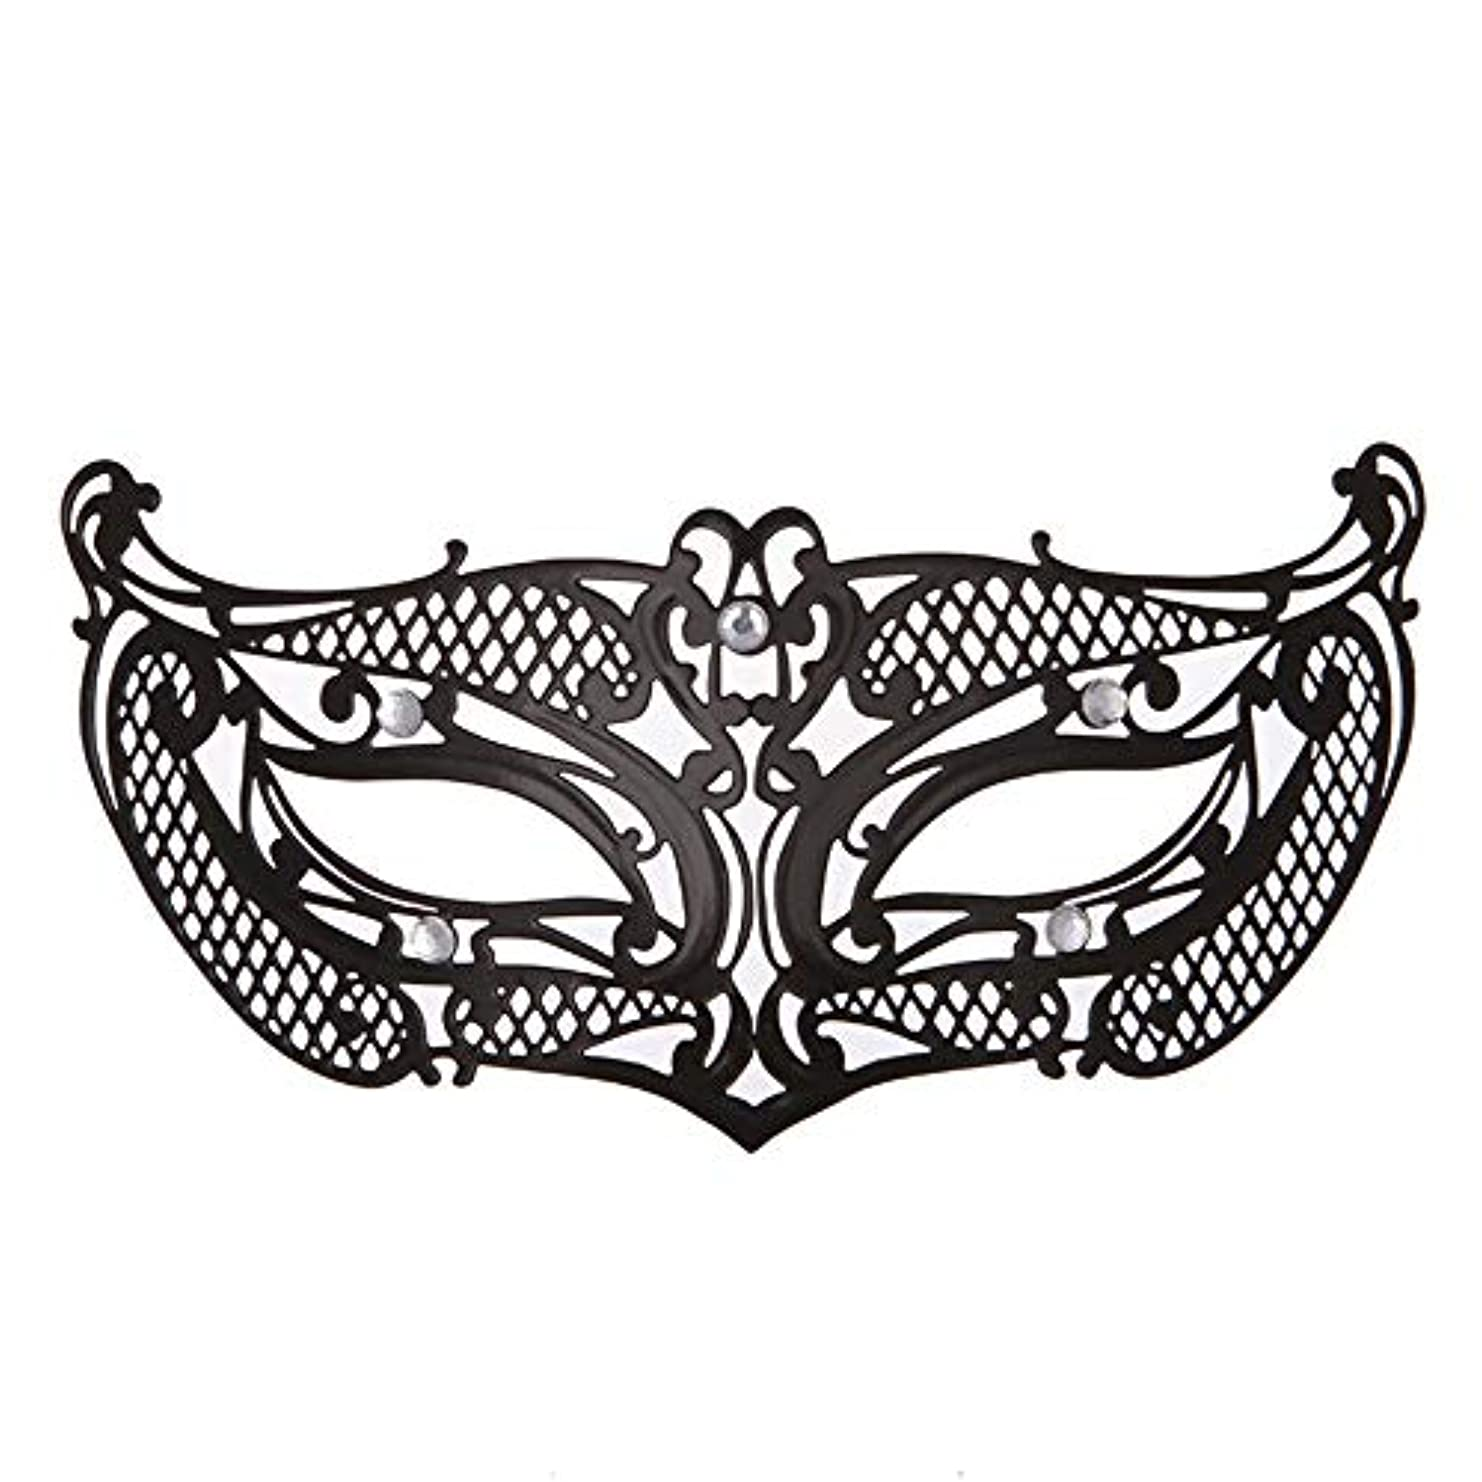 地獄緯度交差点ダンスマスク アイアンメタリックレースとダイヤモンドハーフマスクハロウィンダンスマスクナイトクラブボールマスクコスプレパーティーハロウィンマスク ホリデーパーティー用品 (色 : ブラック, サイズ : 19x8cm)